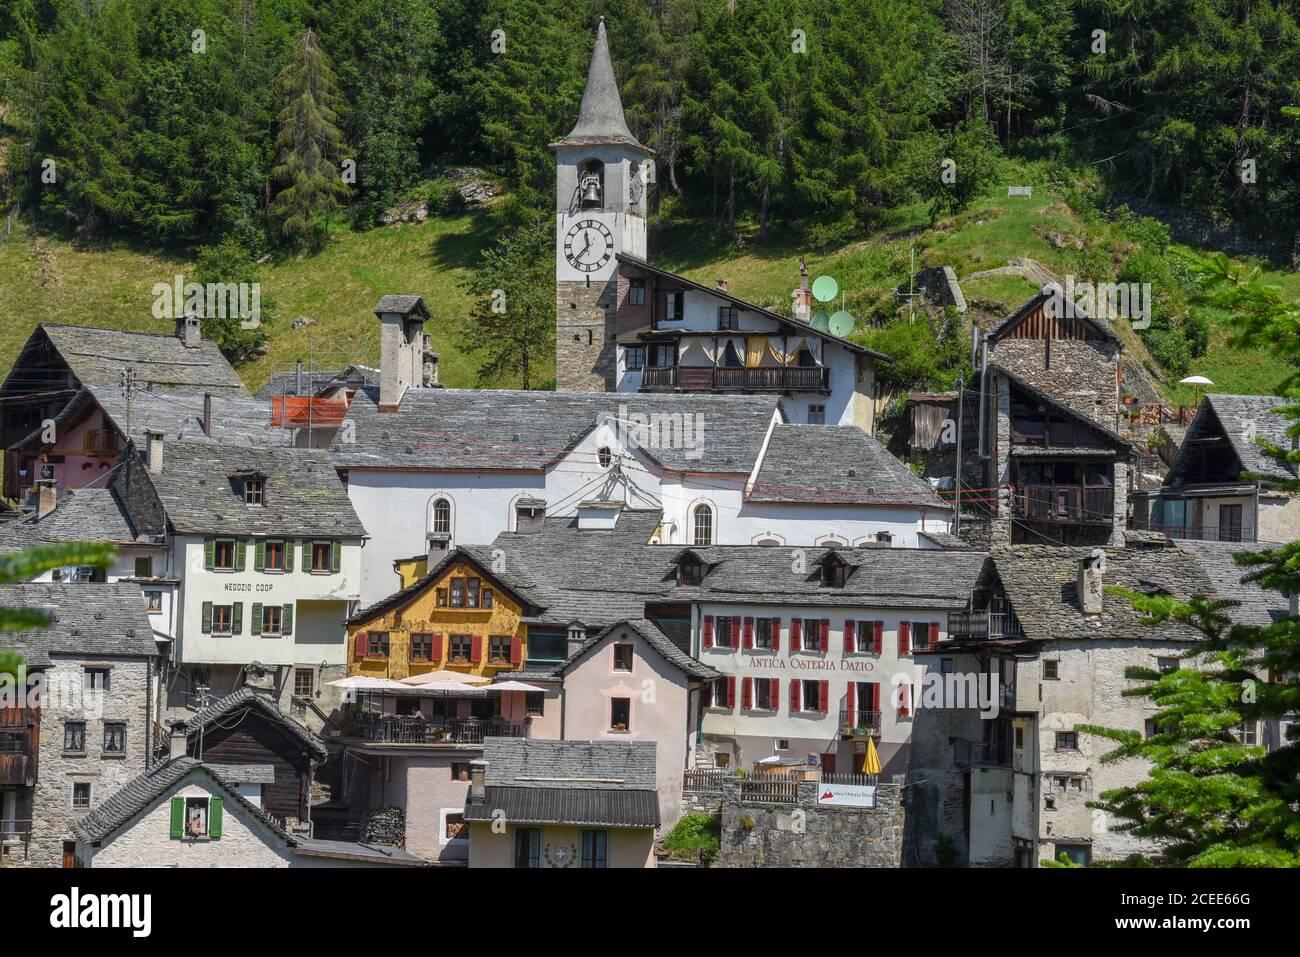 Fusio, Suiza - 8 de julio de 2020: El pueblo de Fusio en el valle de Maggia en la parte italiana de Suiza Foto de stock